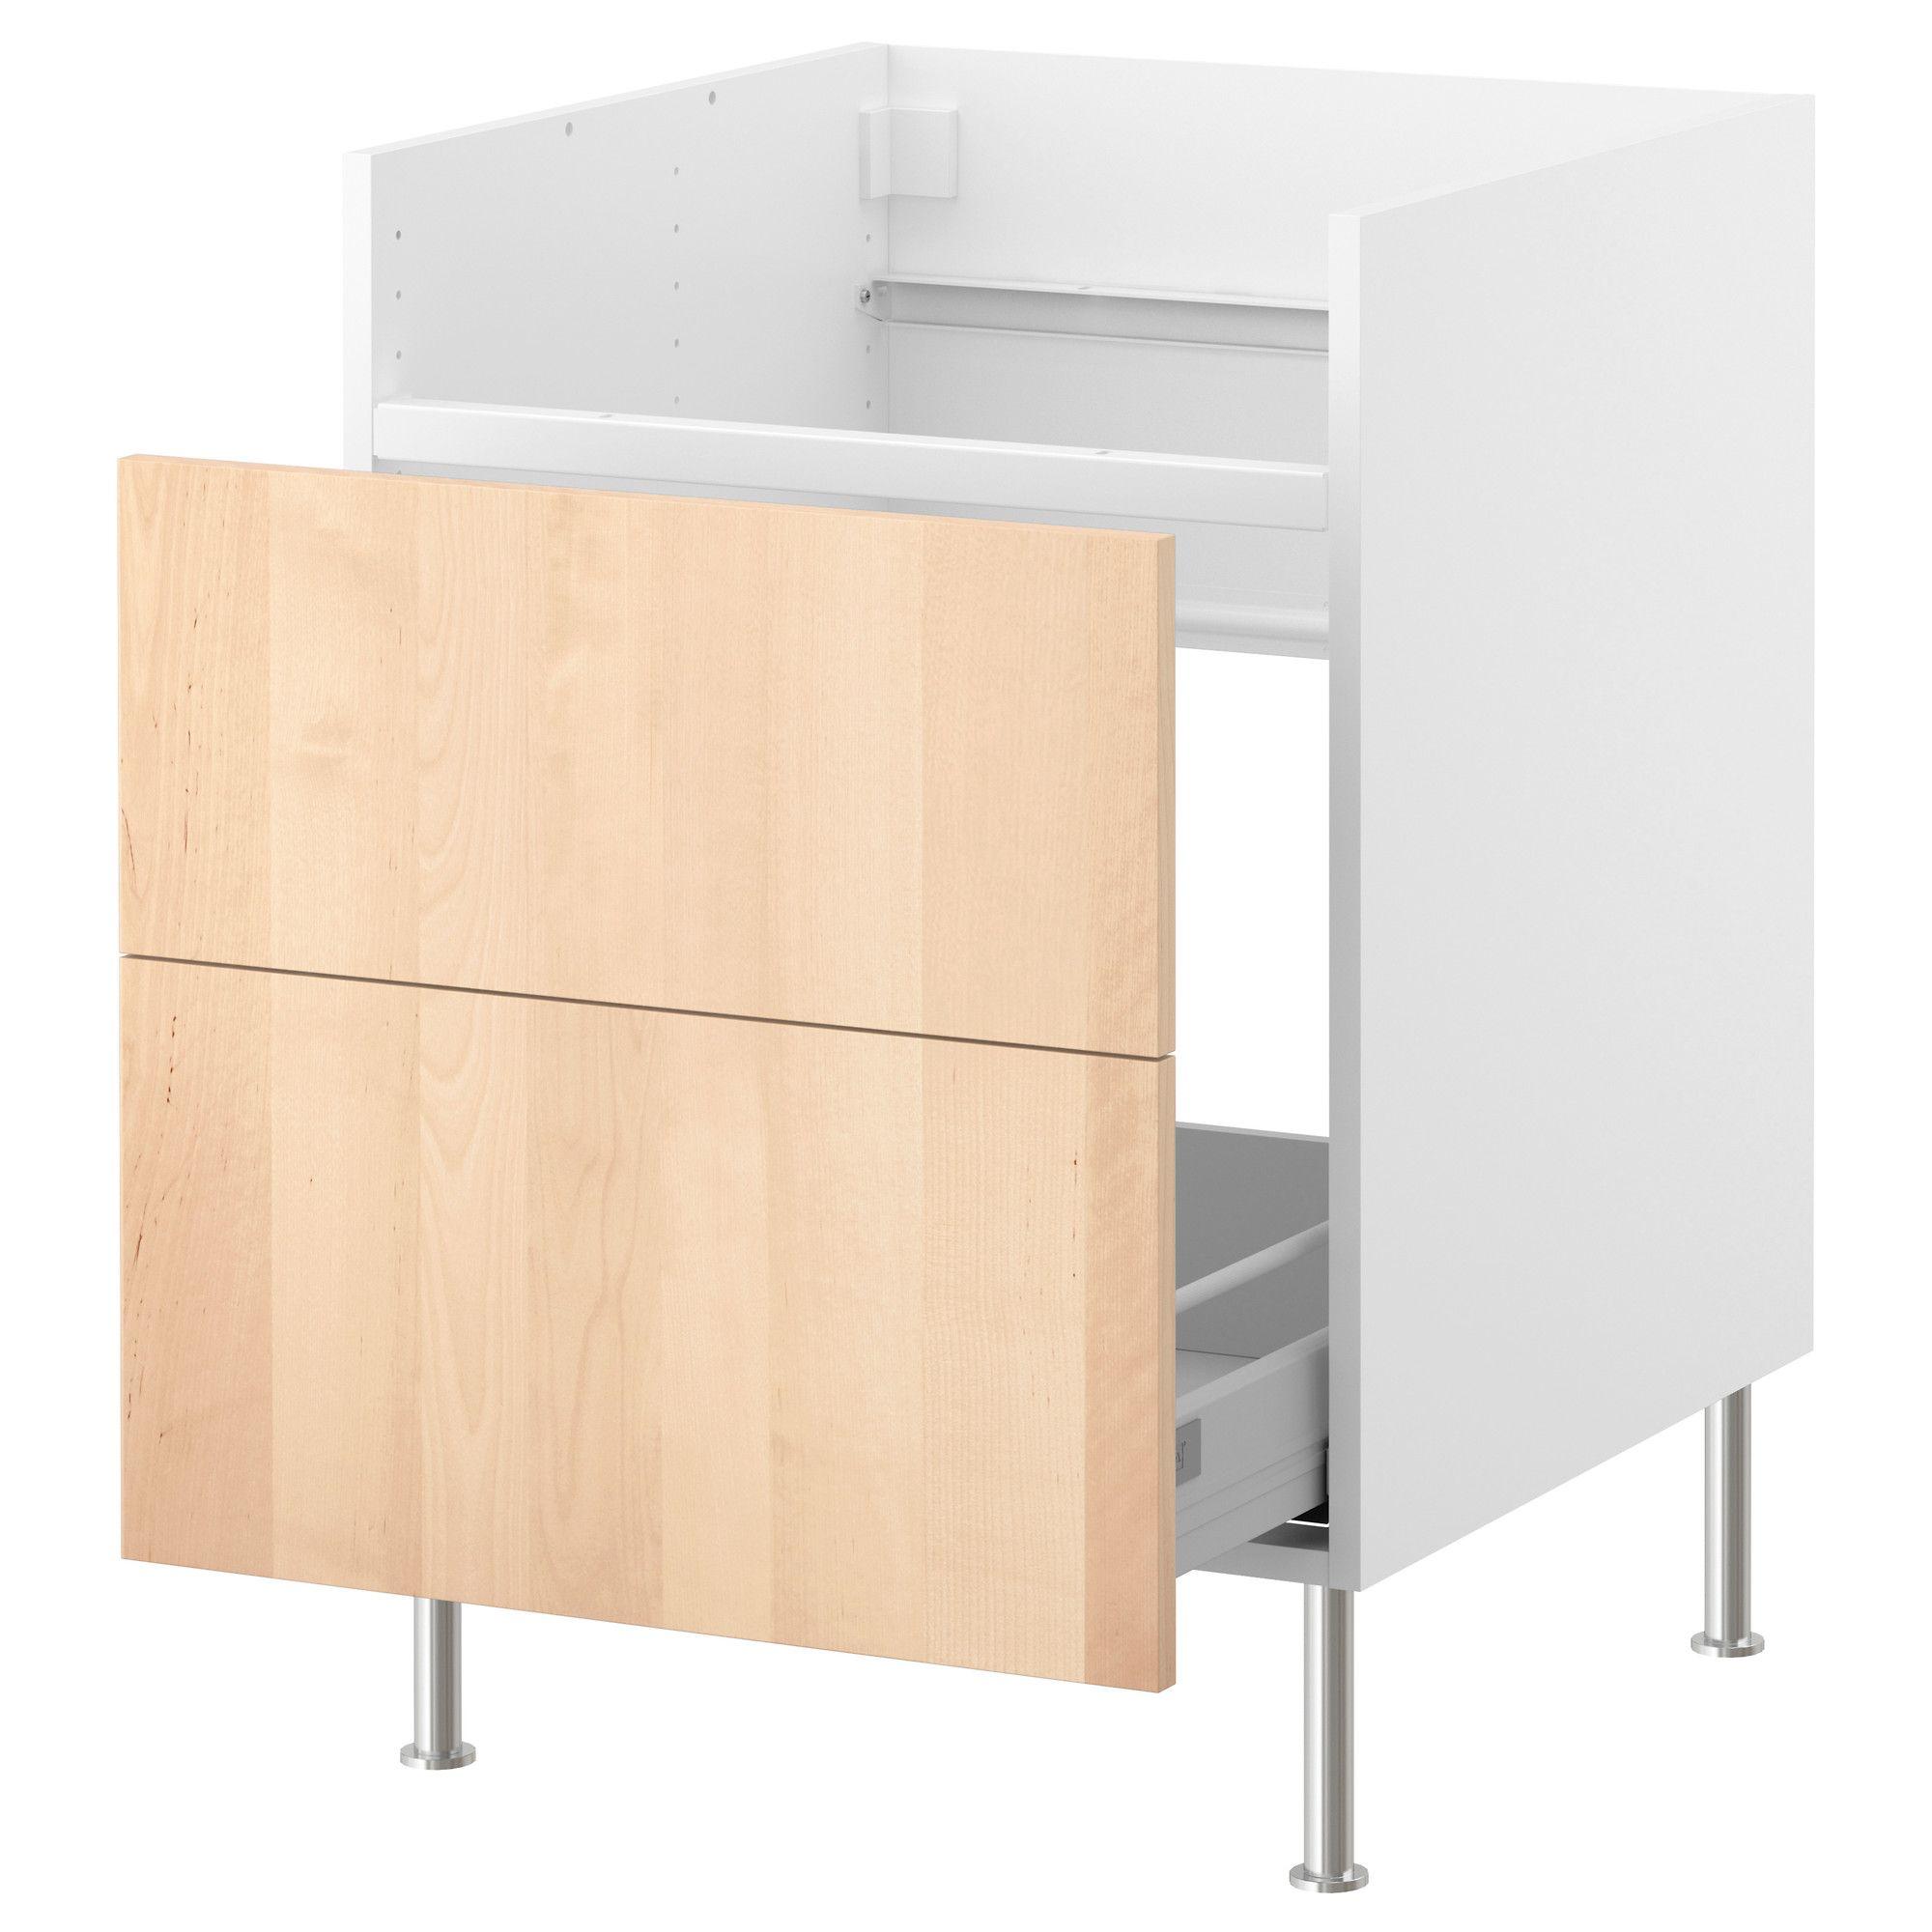 FAKTUM Base cab w 1 drawer for DOMSJÖ sink - Nexus birch veneer, 60 ...